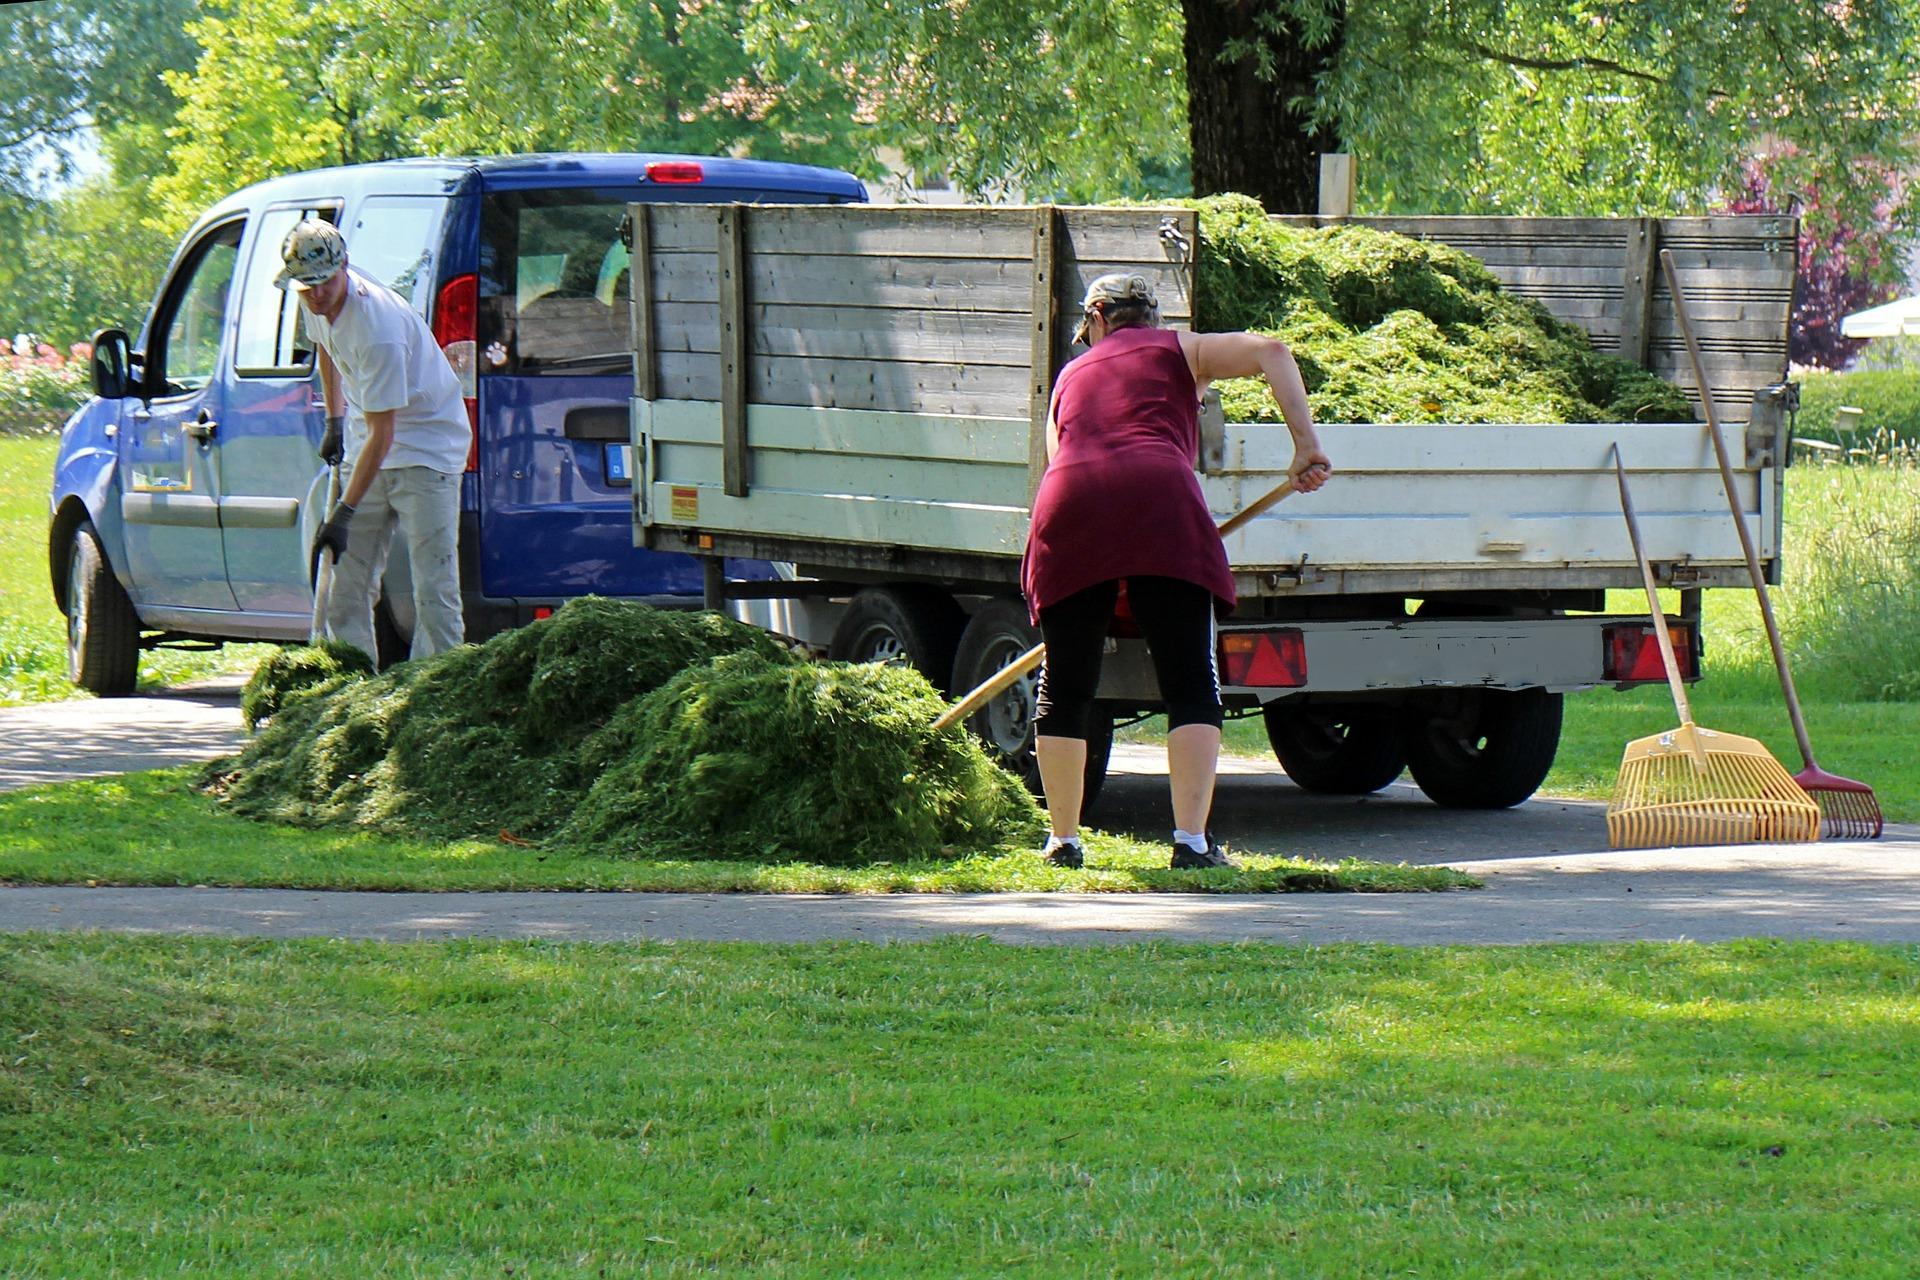 Besøg trailergaardengantrup.dk for en billig autotrailer eller en lukket trailer til havearbejde